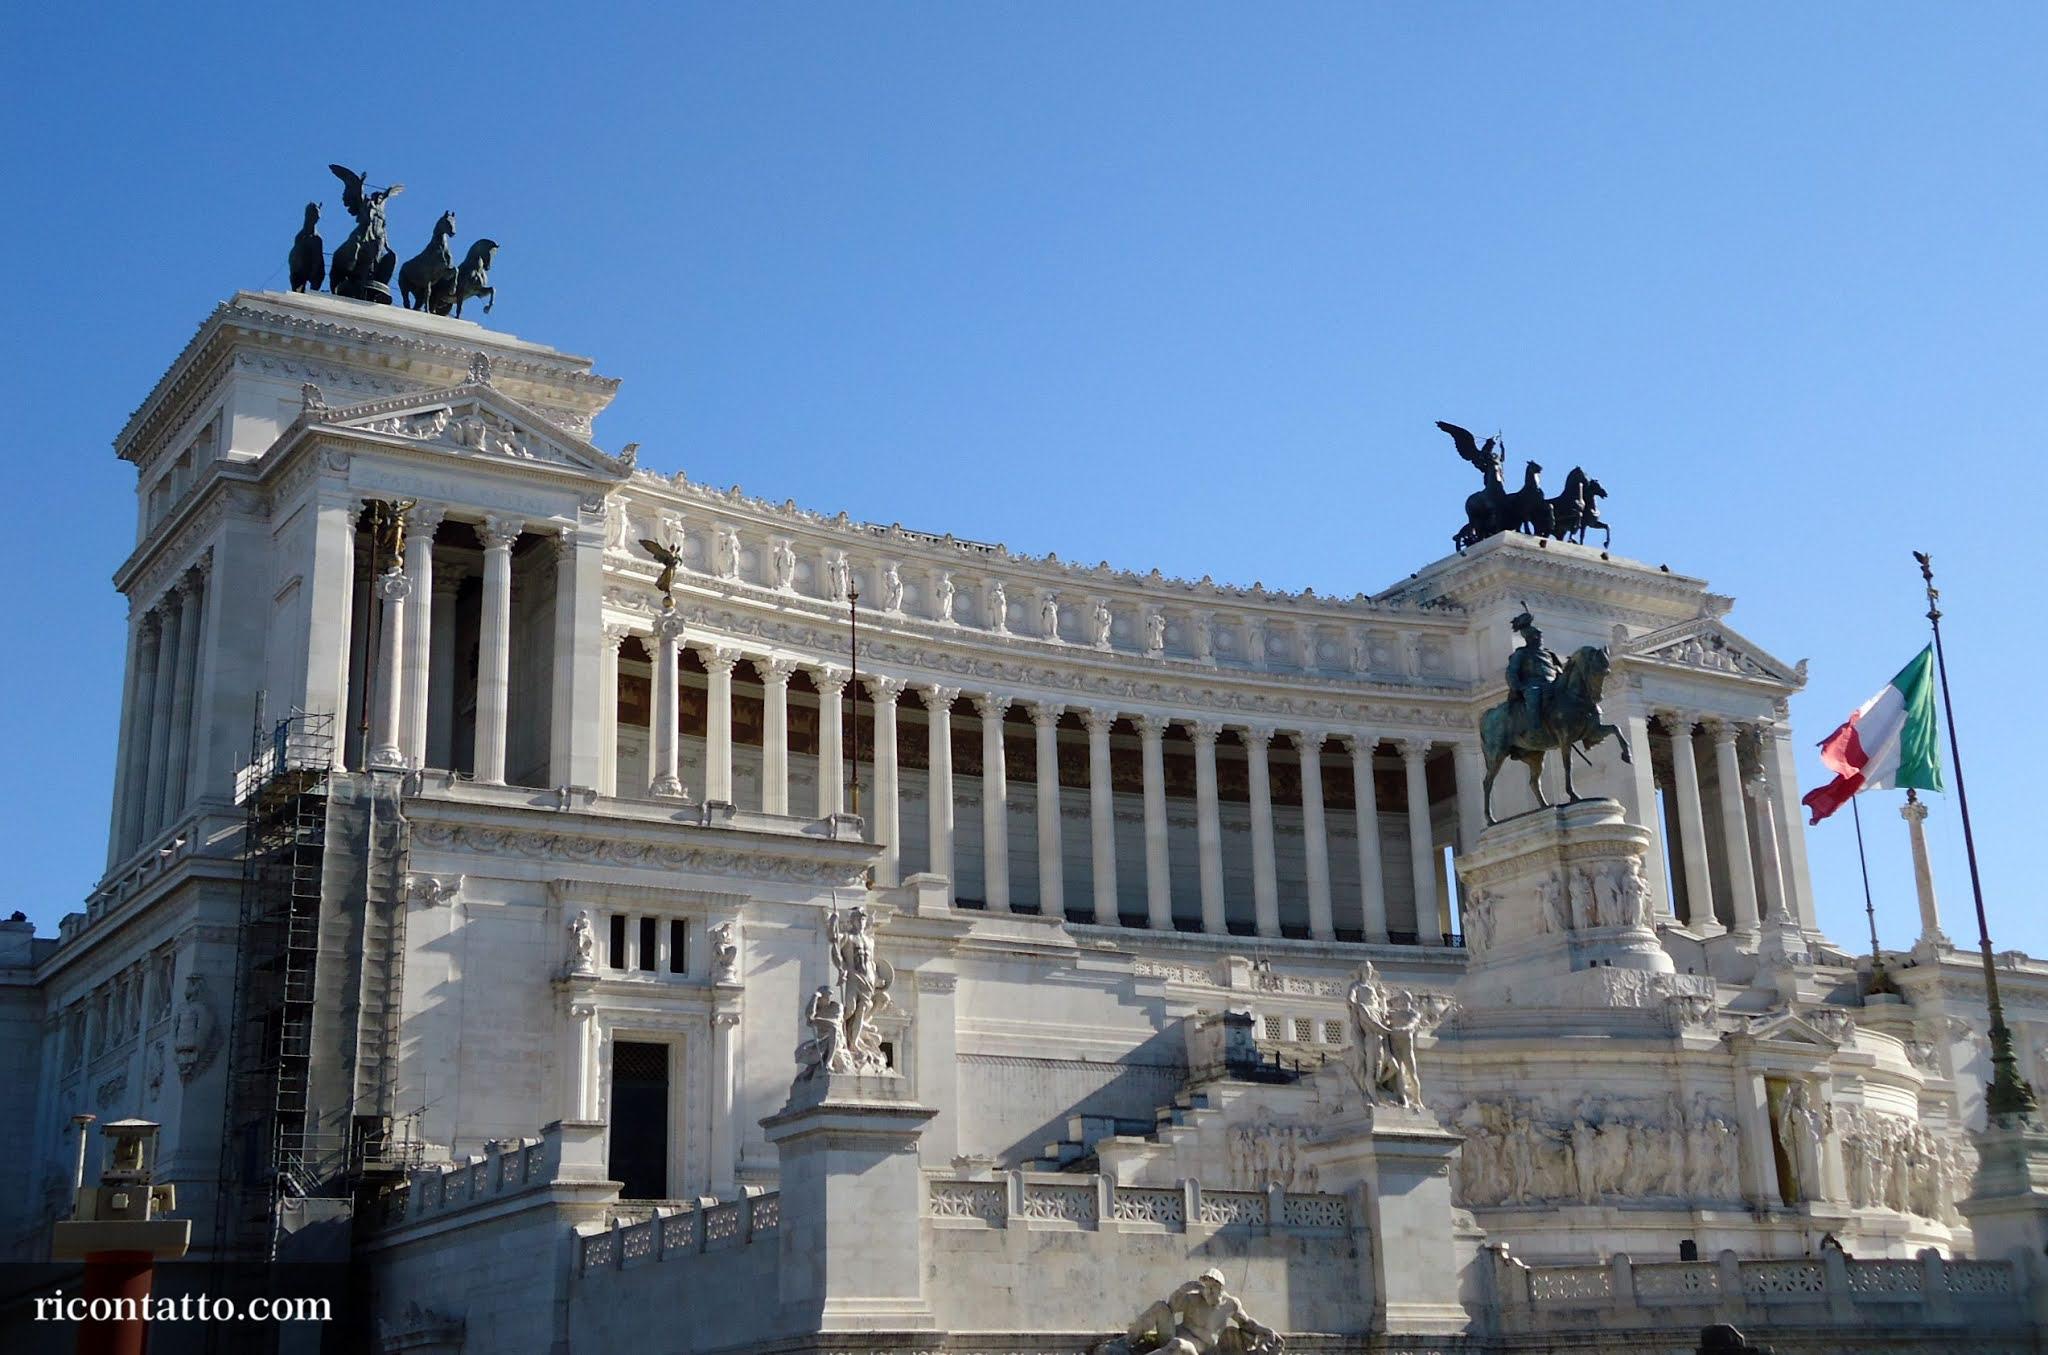 Roma, Lazio, Italy - Photo #18 by Ricontatto.com